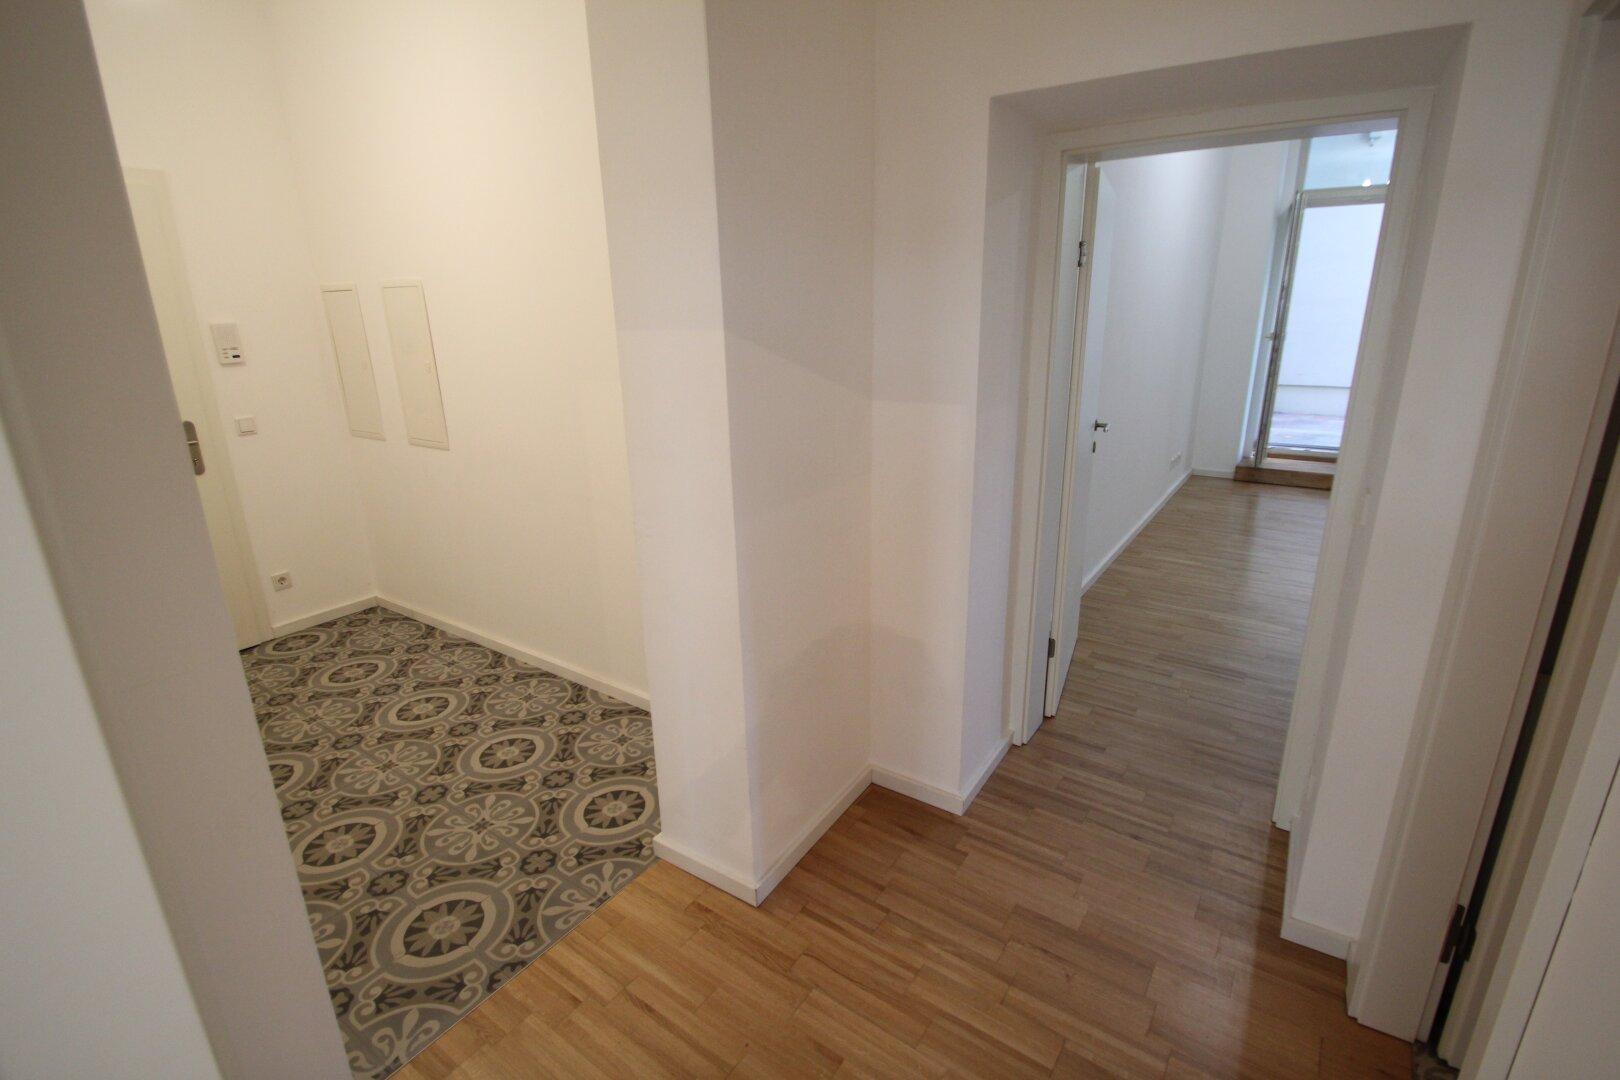 Vorzimmer - Zugang